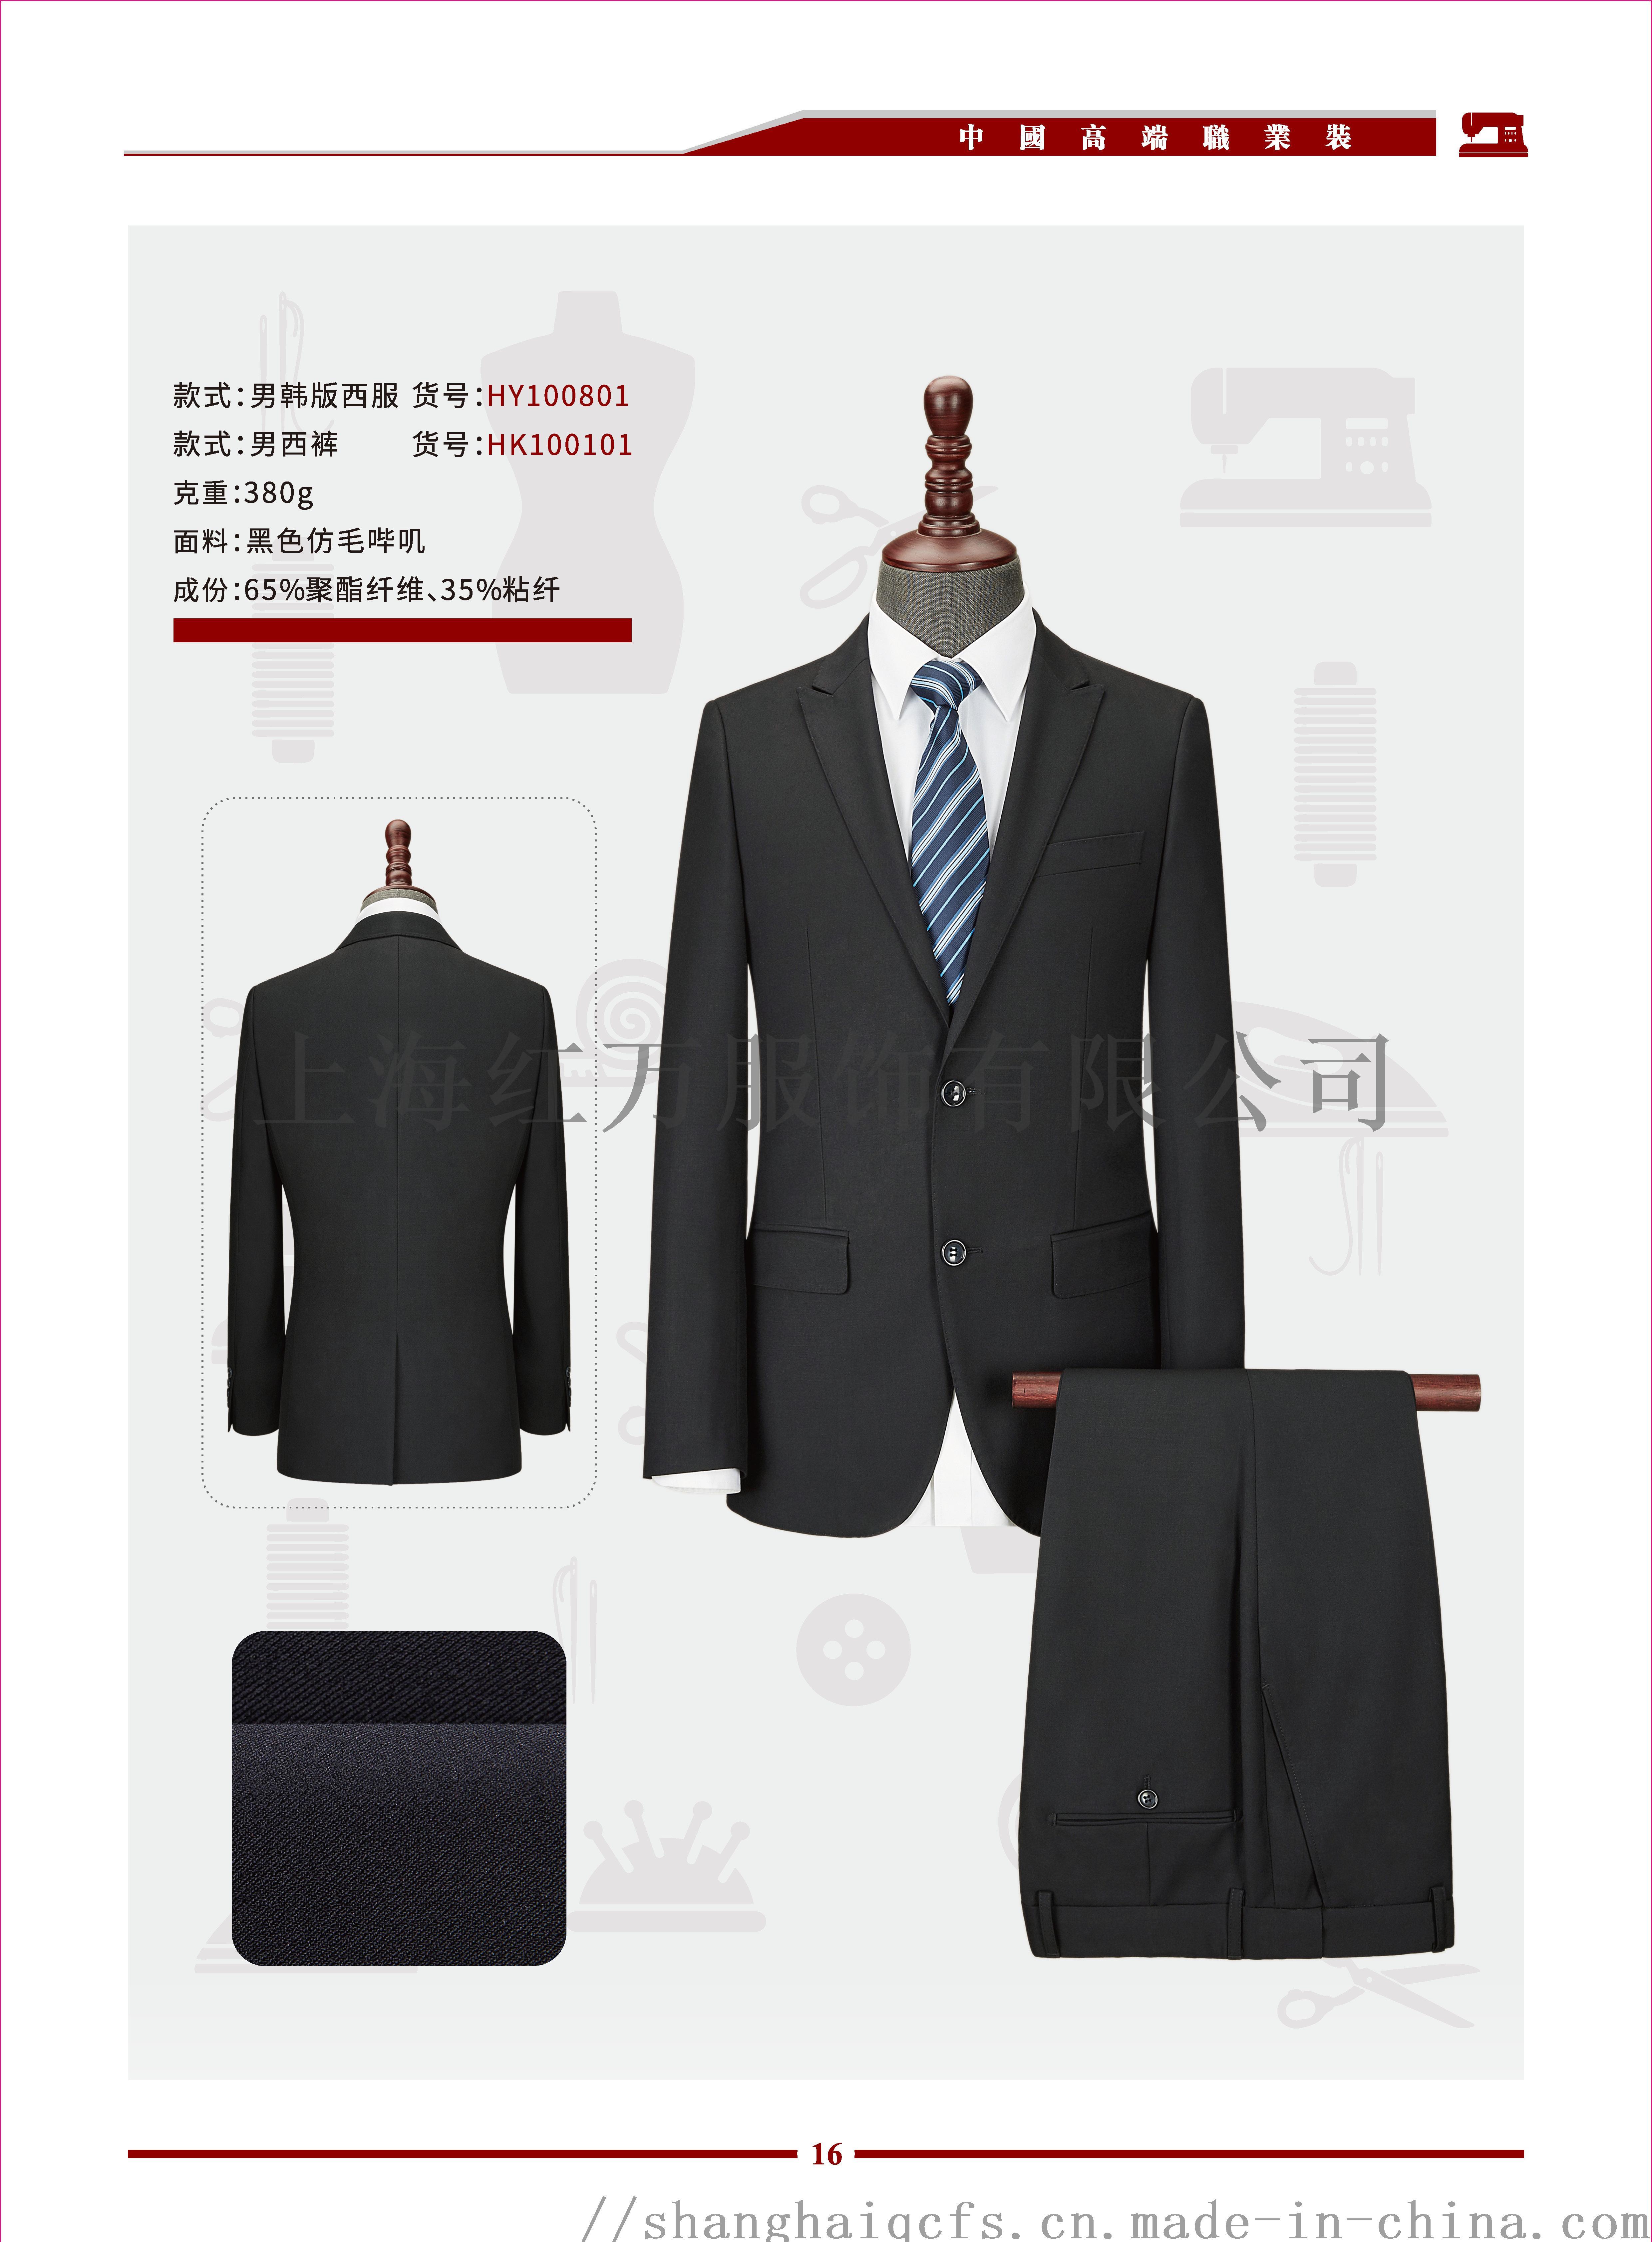 西装 职业服装定制 西服定制814113595